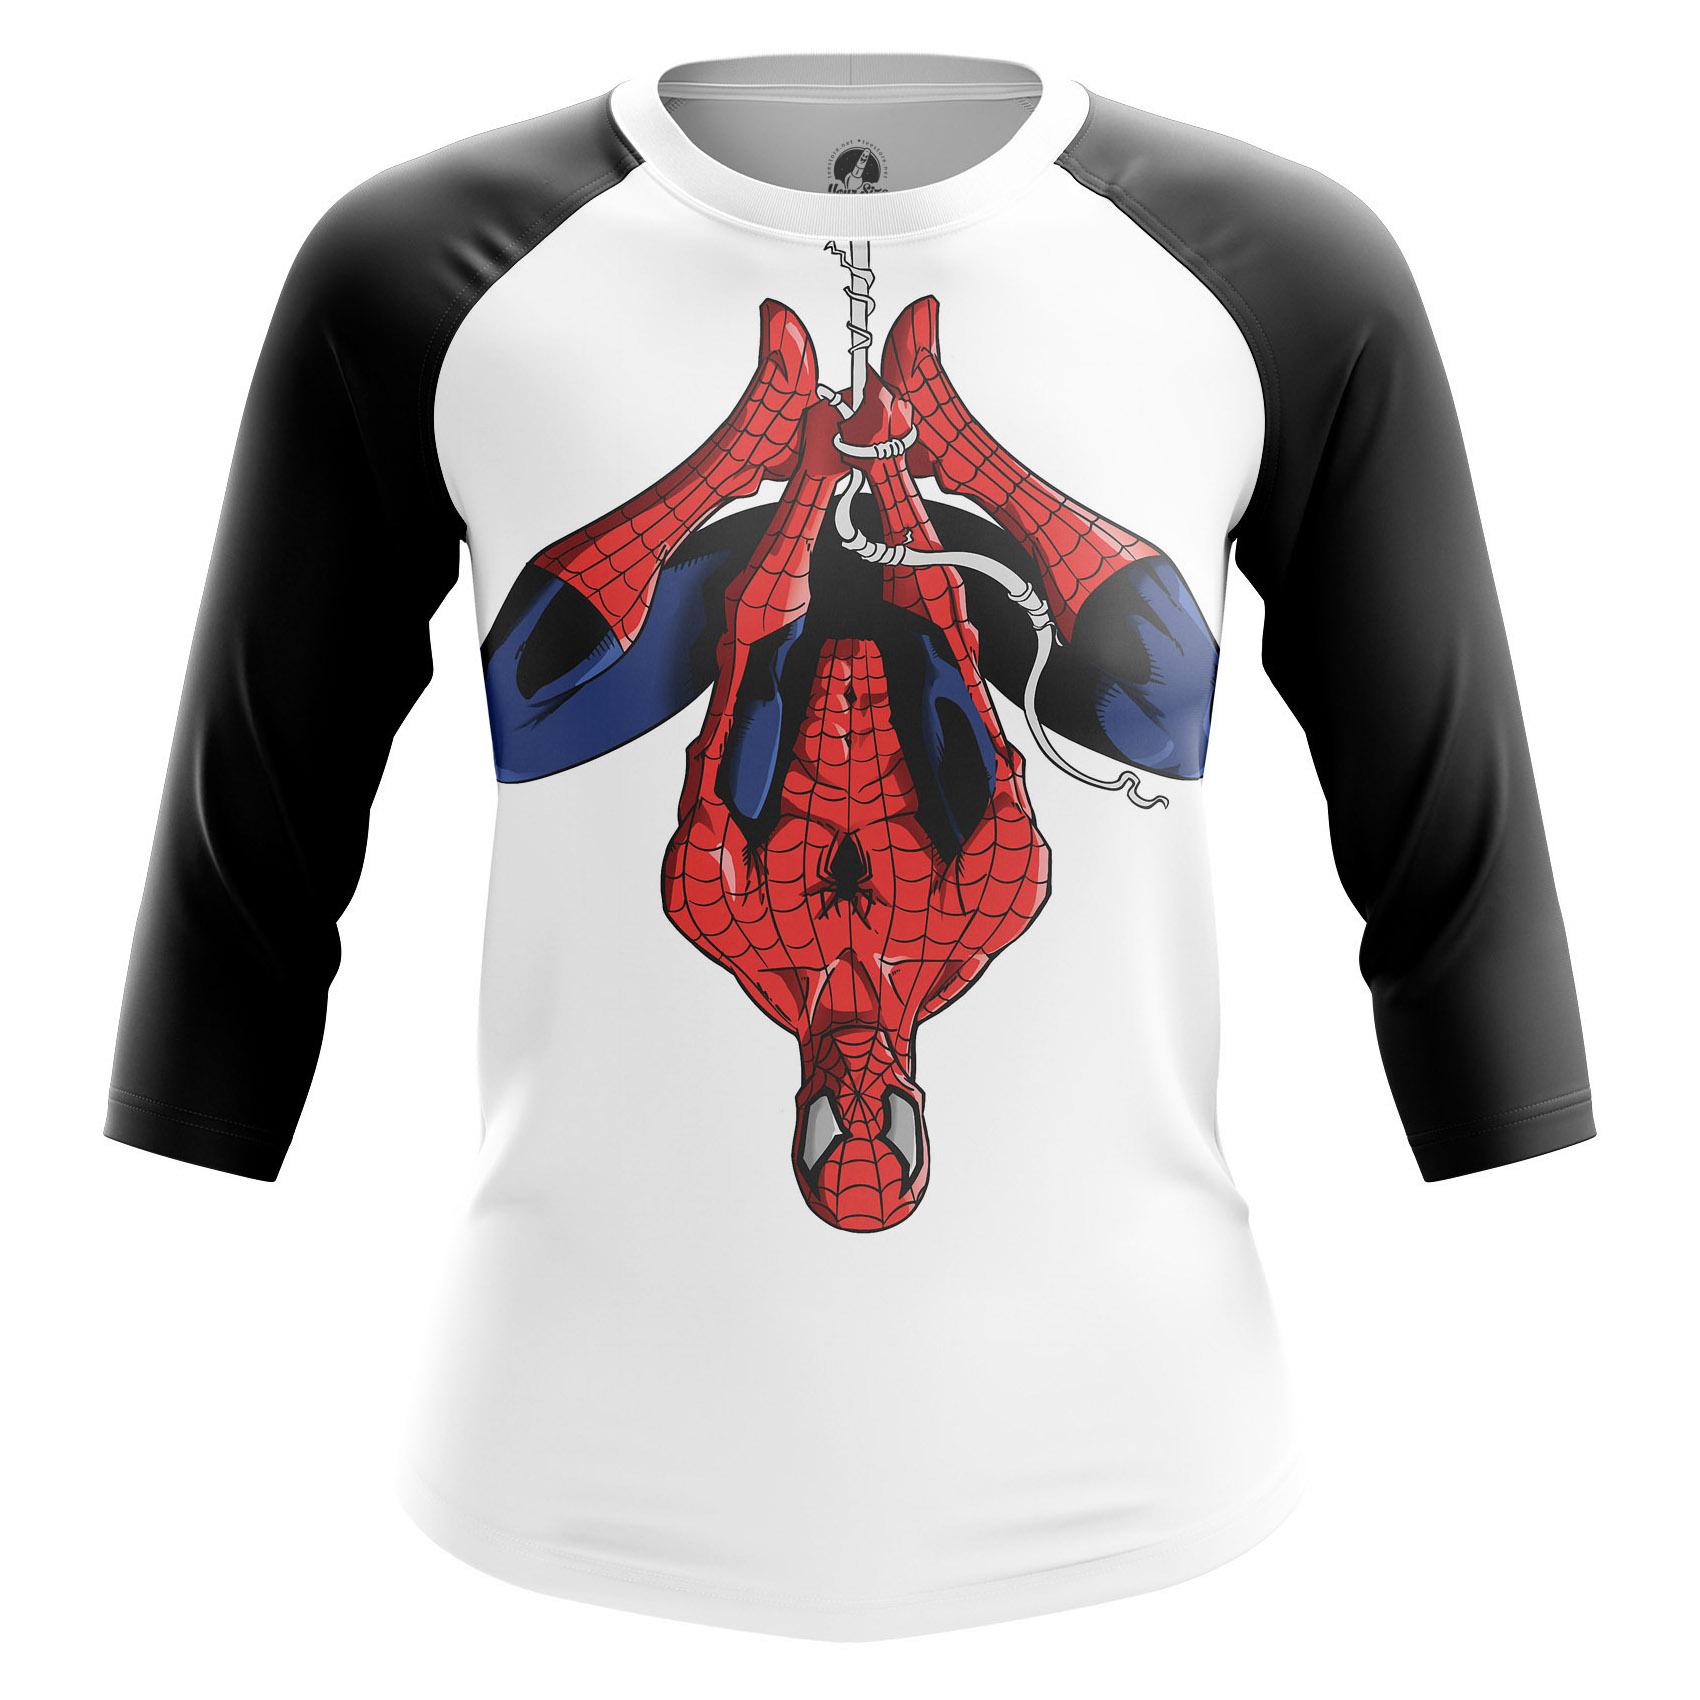 Merchandise Women'S Raglan Spiderman Spider-Man